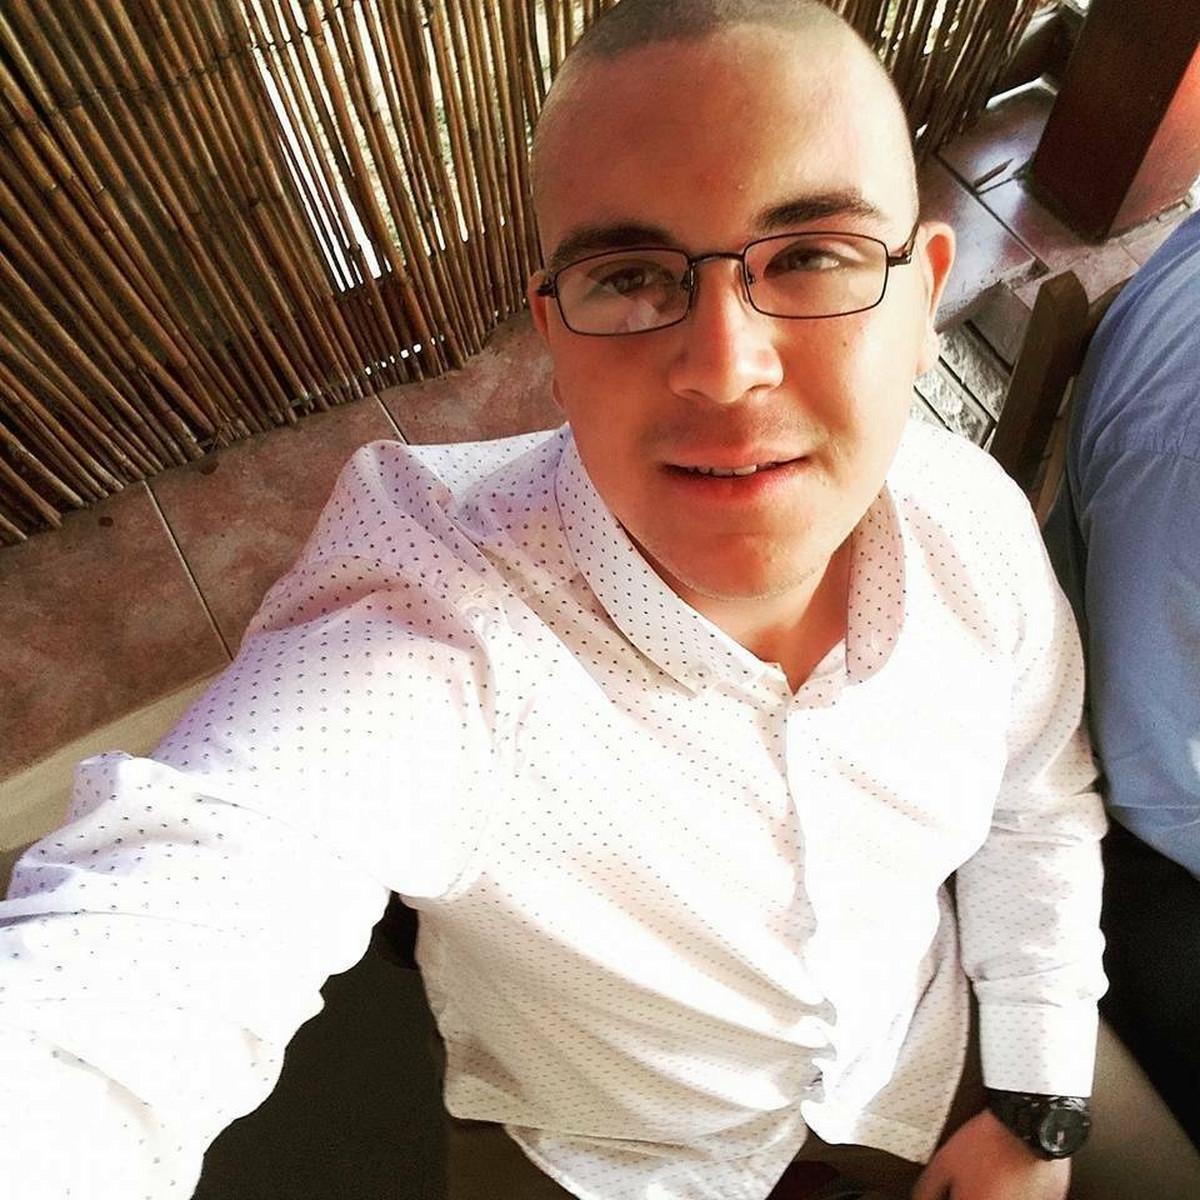 DEDA VOZIO TRAKTOR, UNUK POGINUO Bogdan (19) je trebalo da ode u Nemacku u bolji zivot, a danas ga sahranjuju